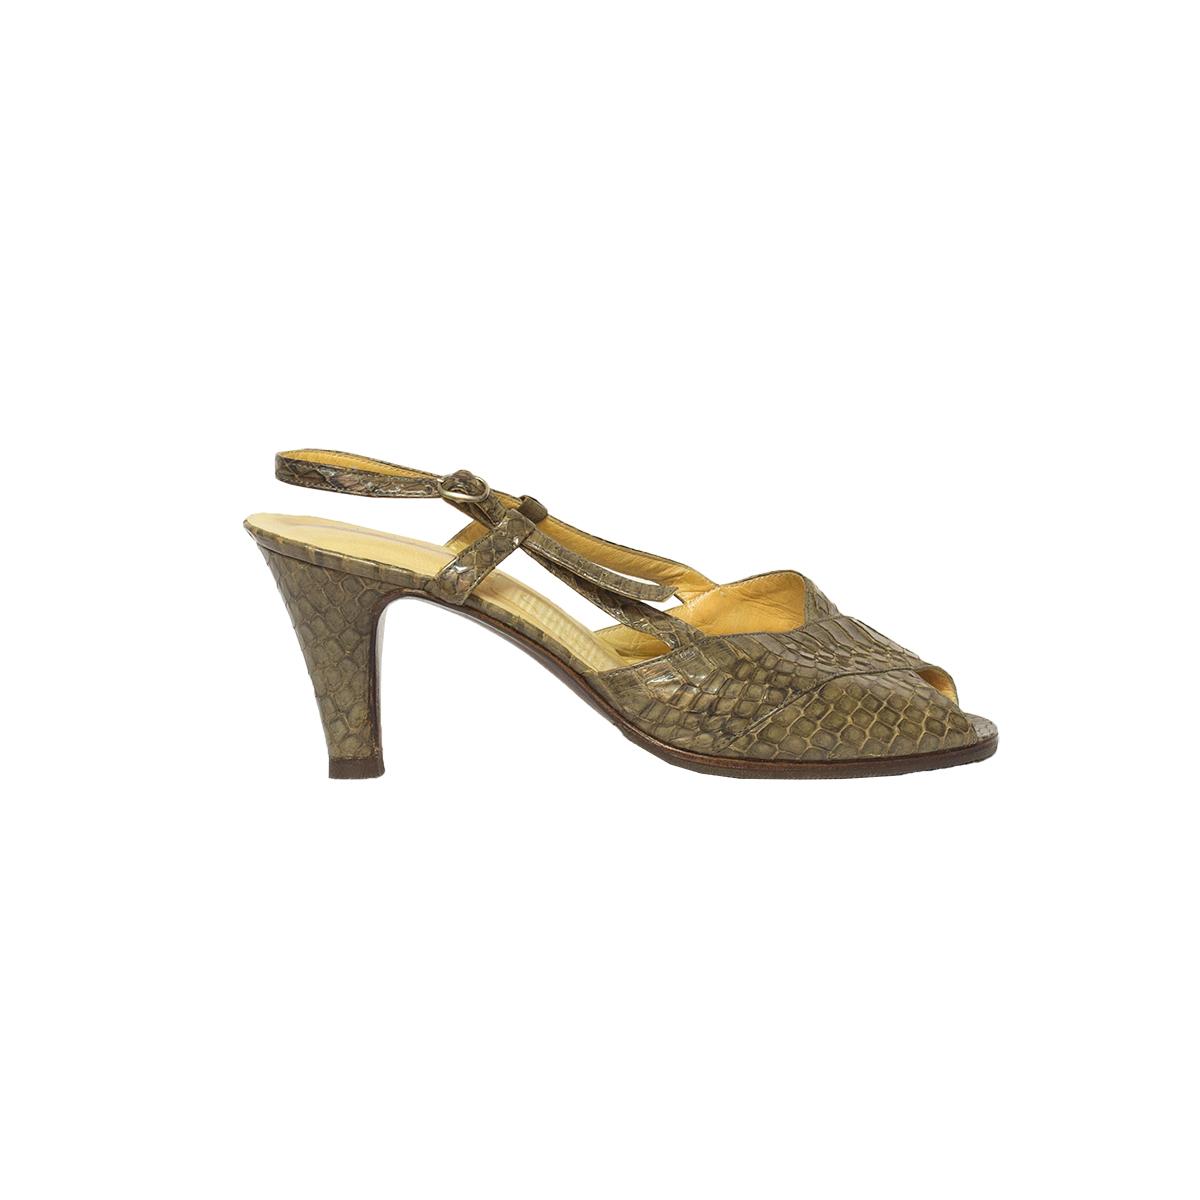 Käärmeennahka-sandaletit 50-luvulta - 3,5